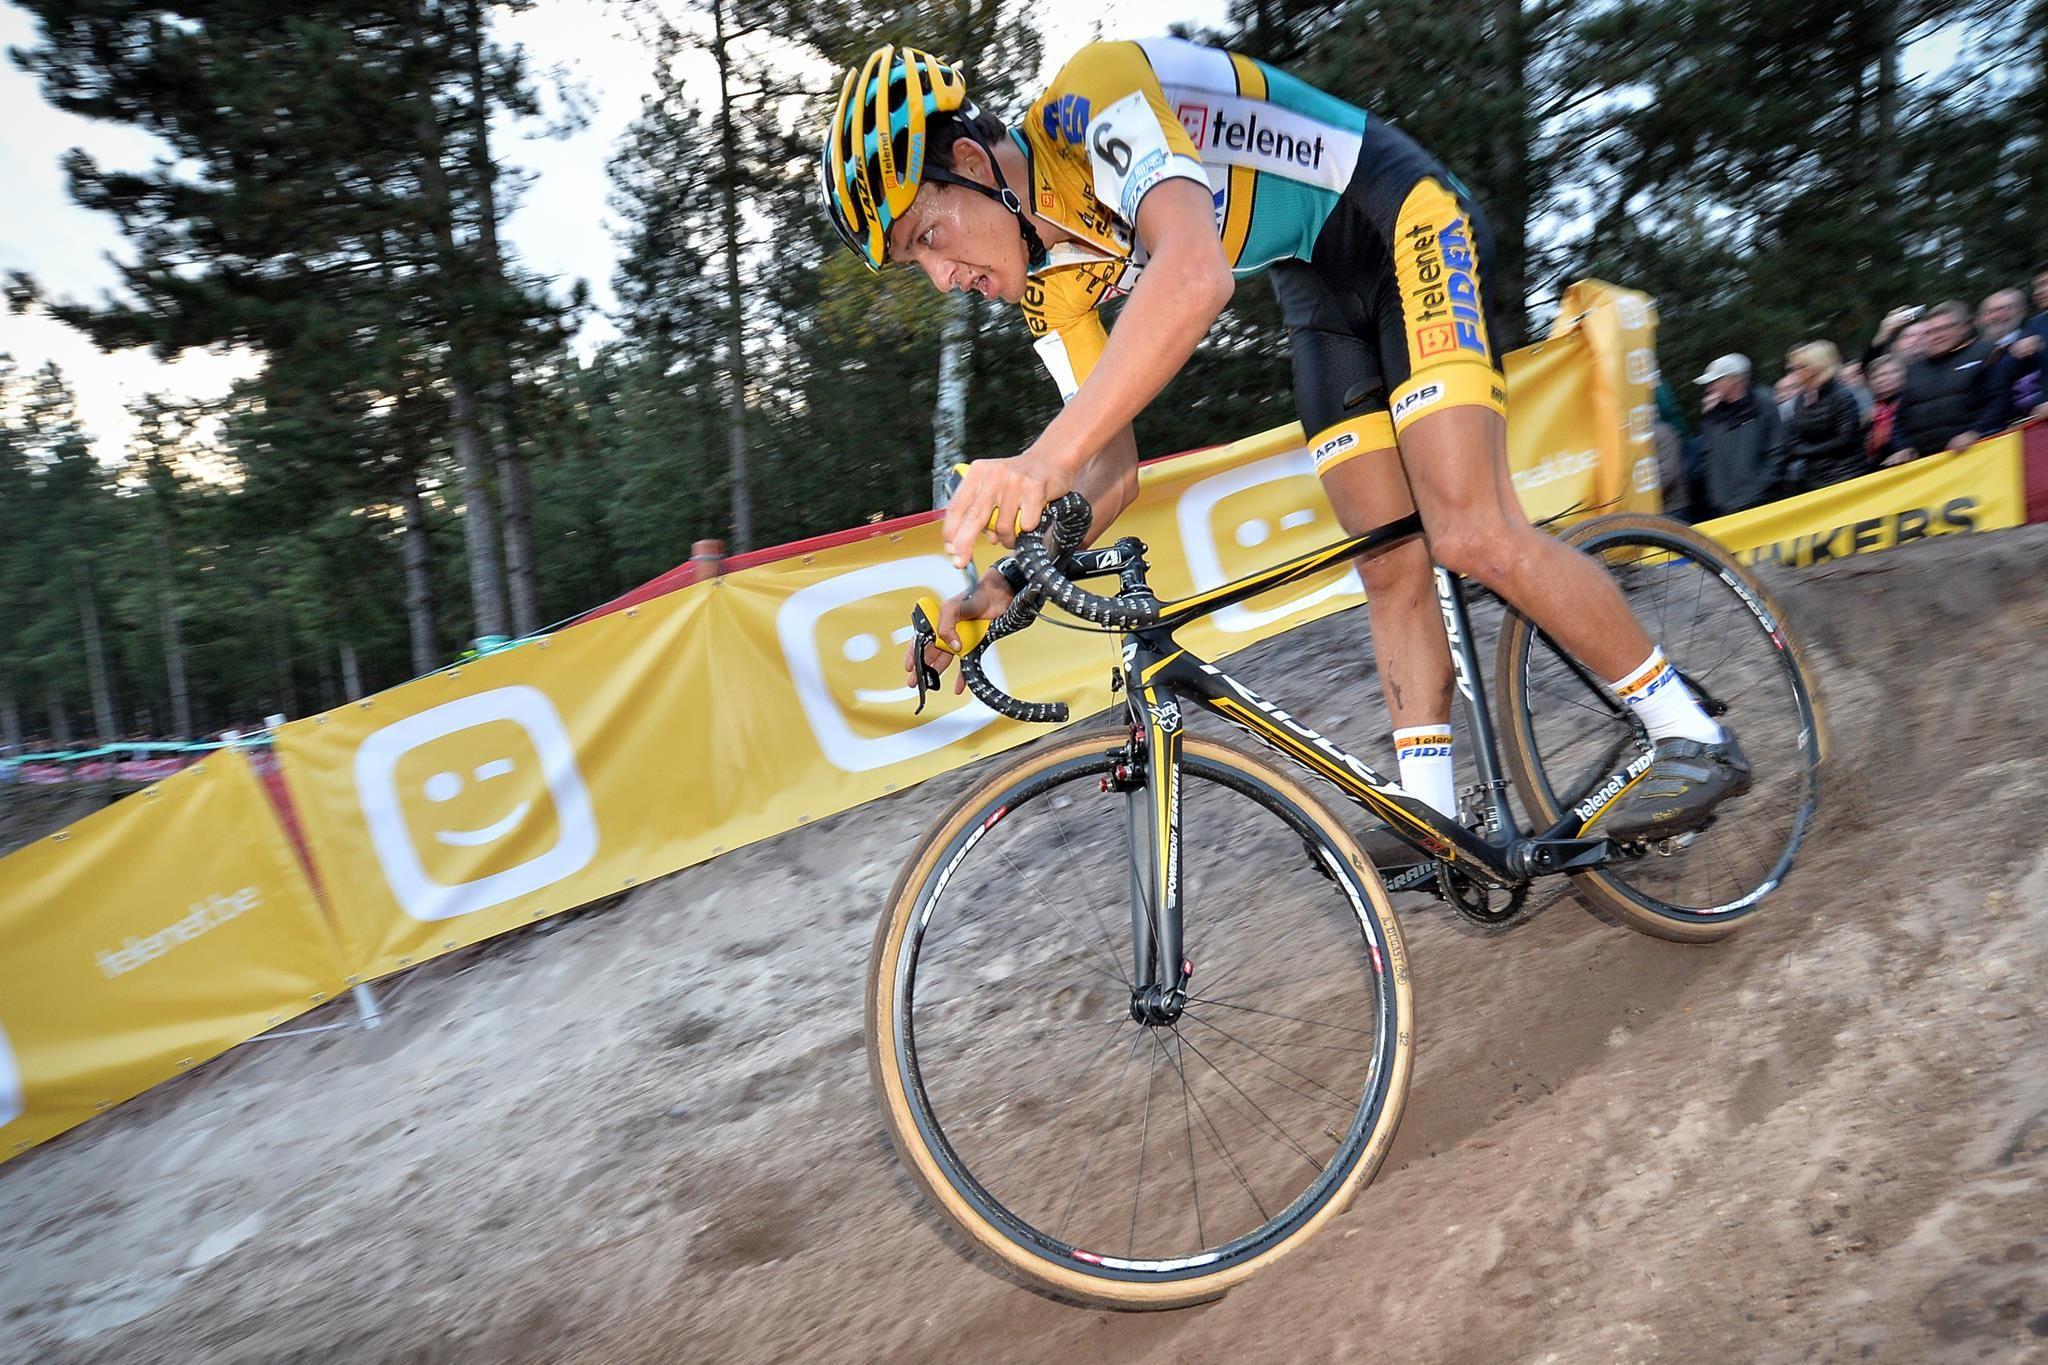 Tom Meeusen reed in Middelkerke een heel knappe en heel explosieve eerste koershelft, dan zakte hij lichtjes terug tot de 5de plaats | Superprestige Middelkerke 14.02.15 pic by Telenet-Fidea Cycling Team